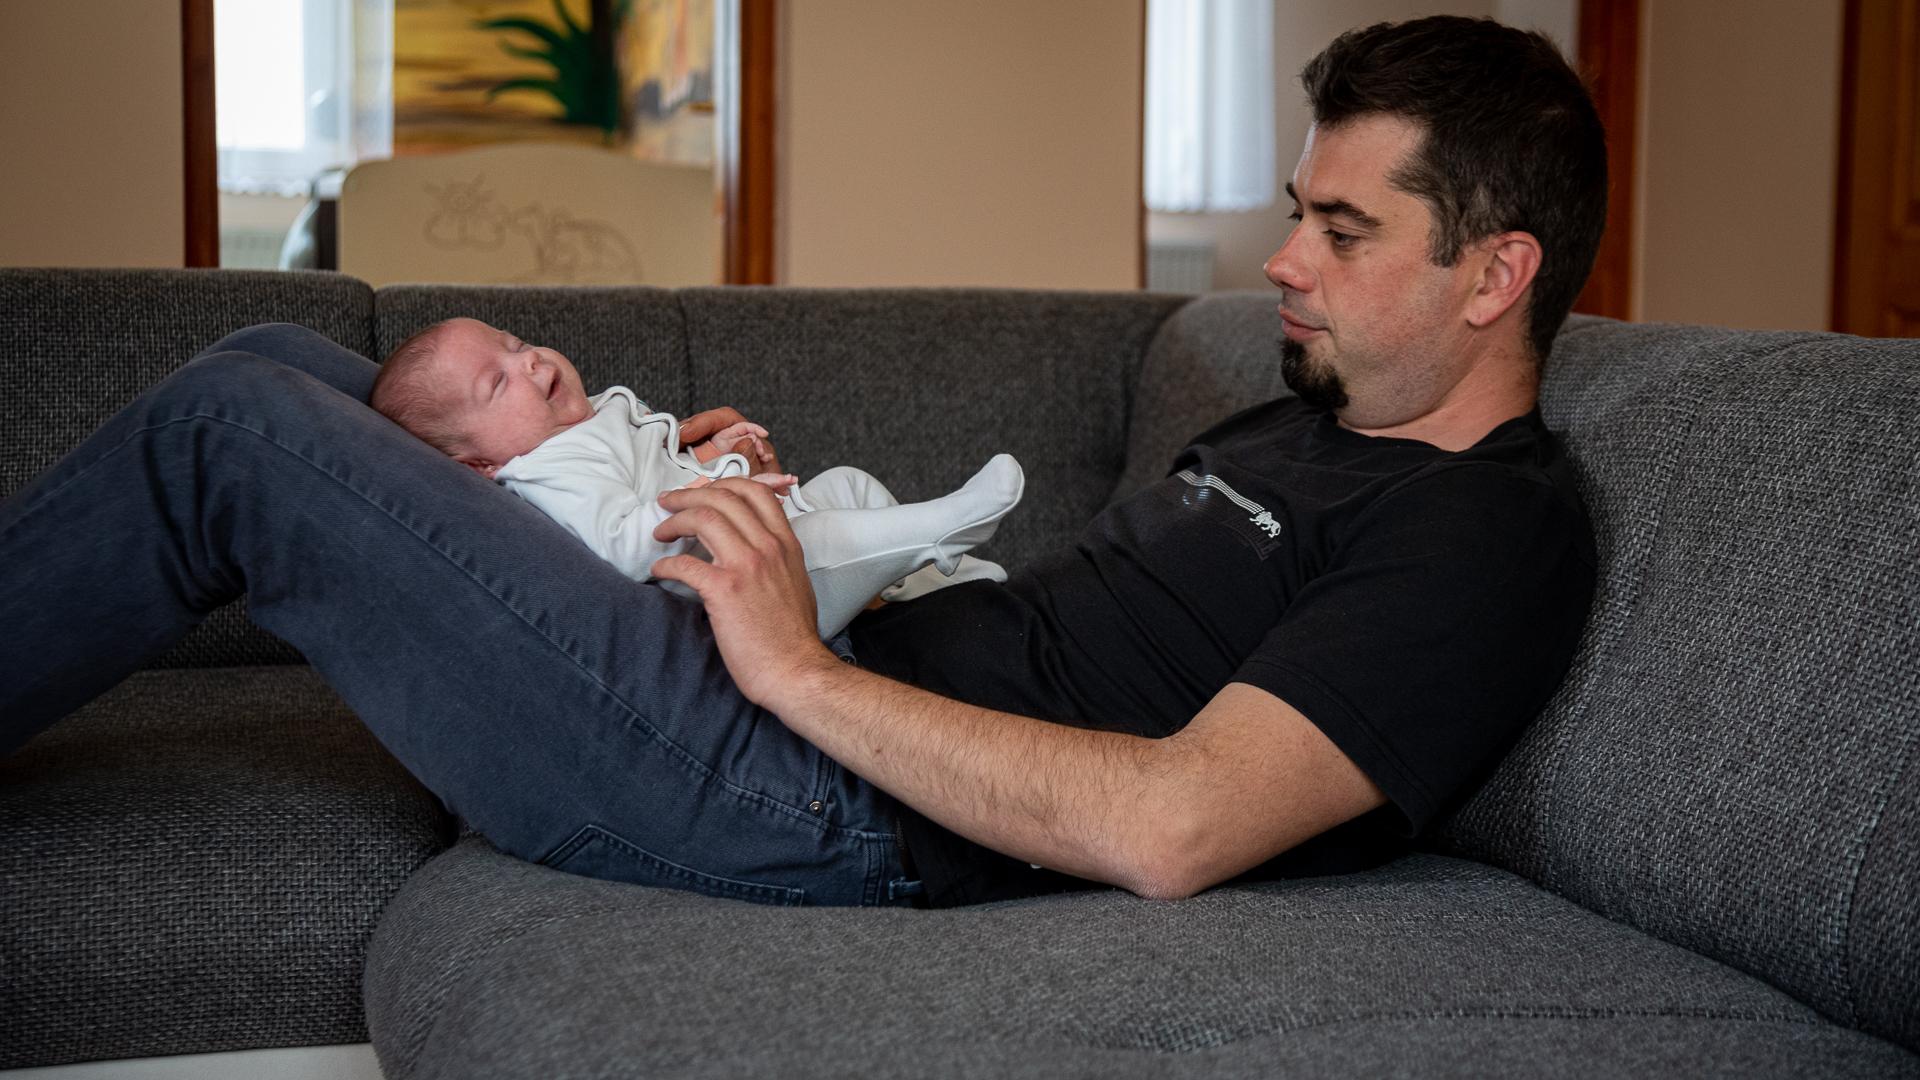 Timi hét és fél hónapos várandós kismama volt, amikor megfertőződött a koronavírussal.